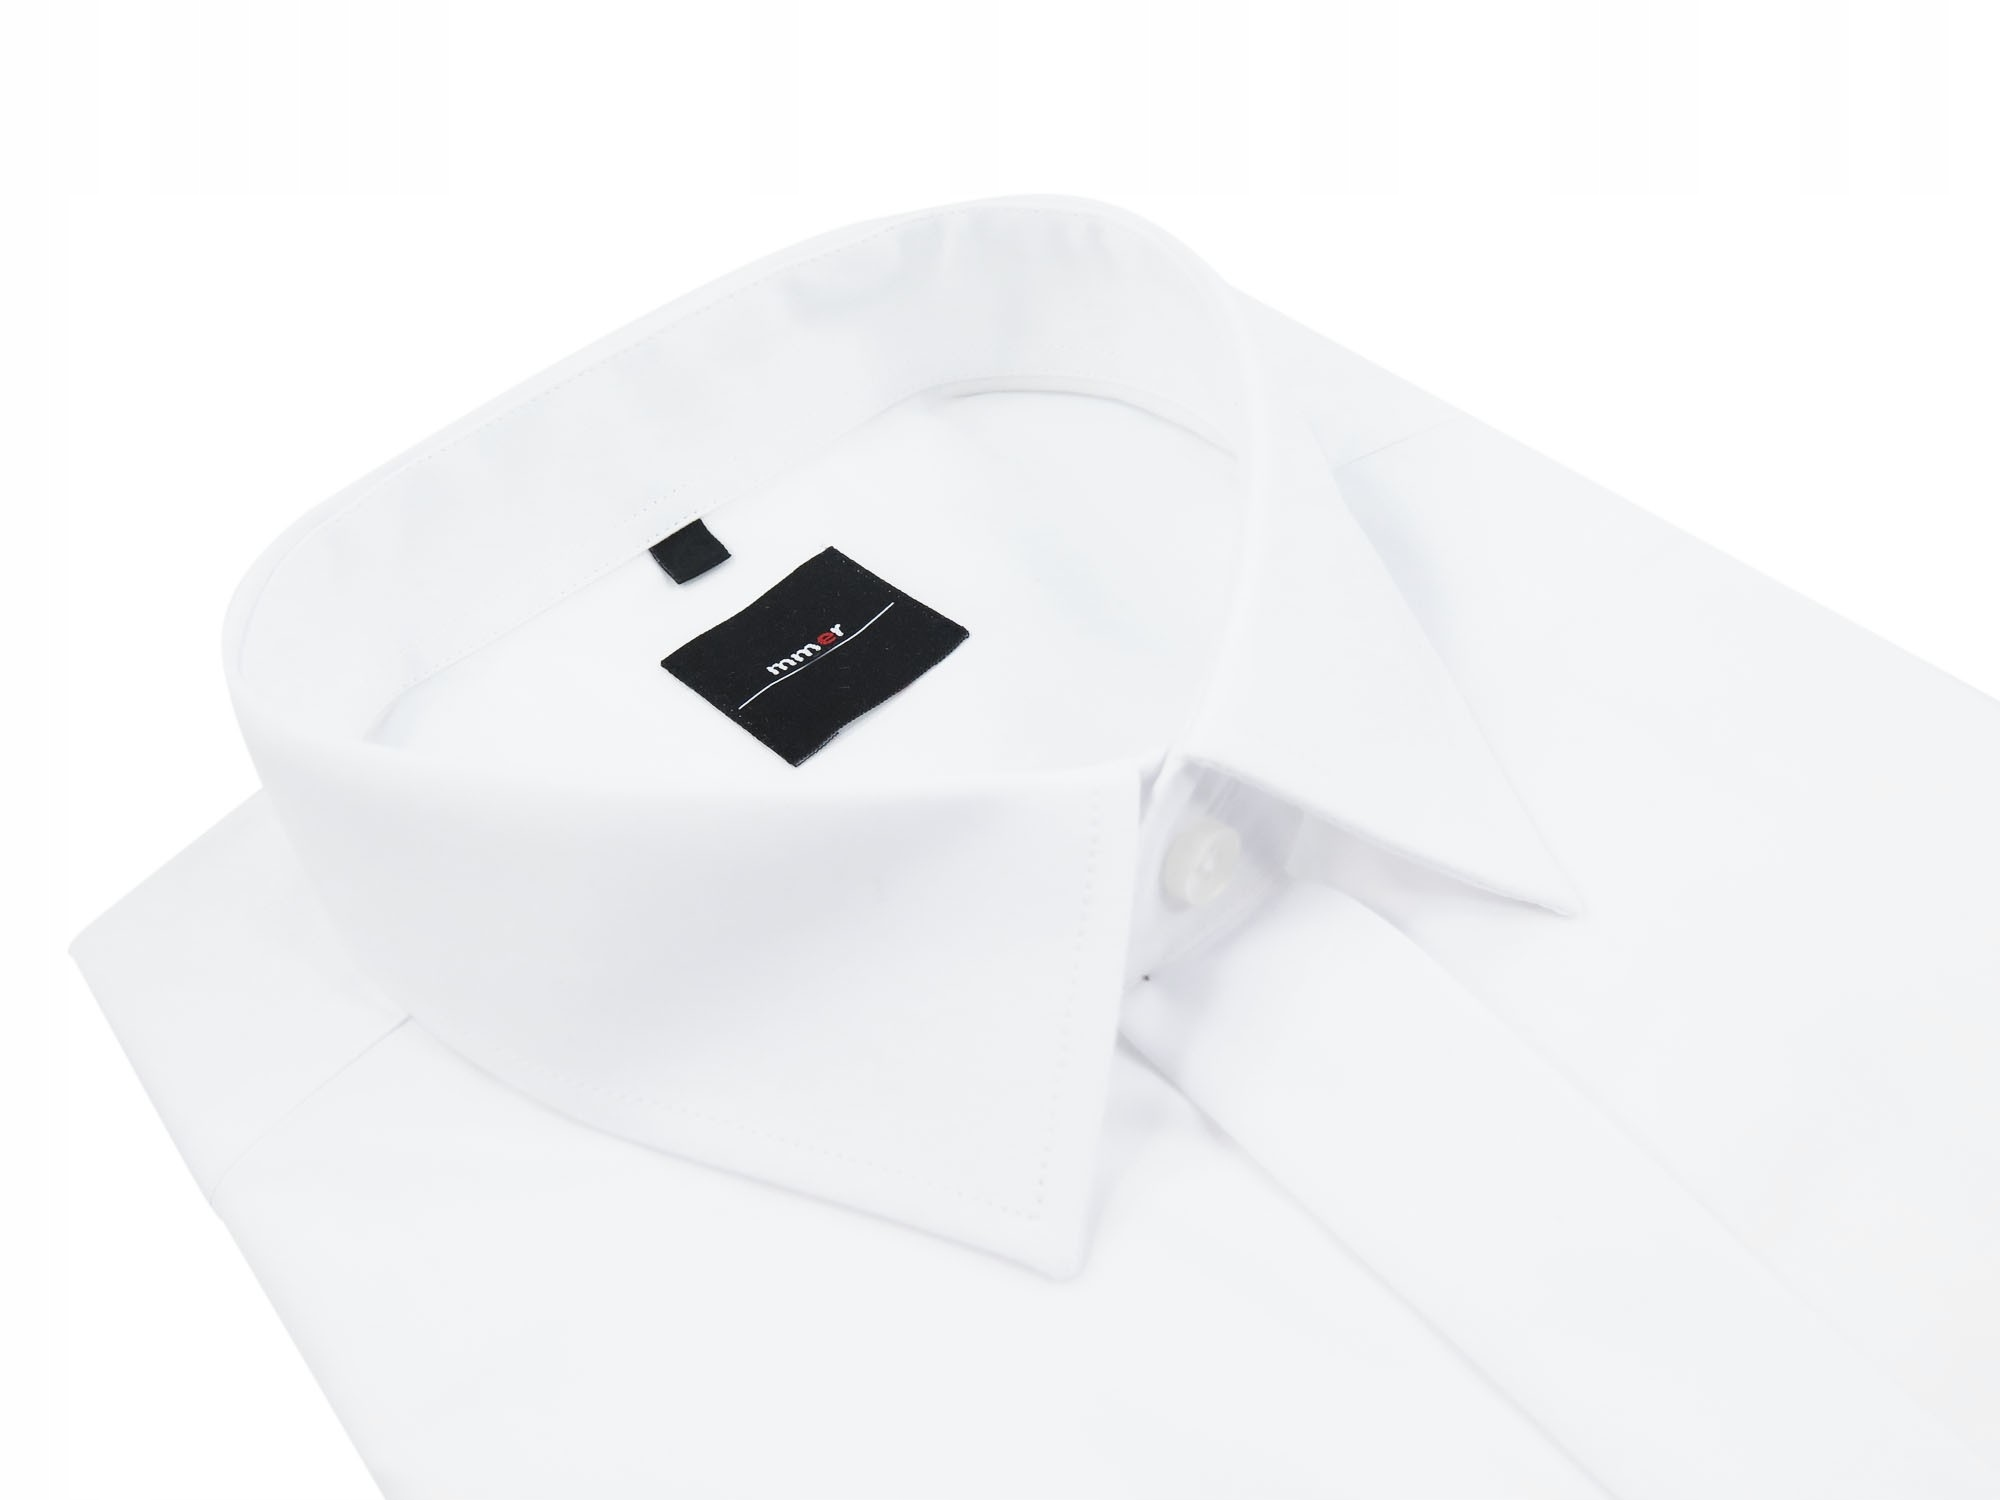 Biała koszula ślubna na spinki 031 164 170 42 Reg 8128901824  HceKg